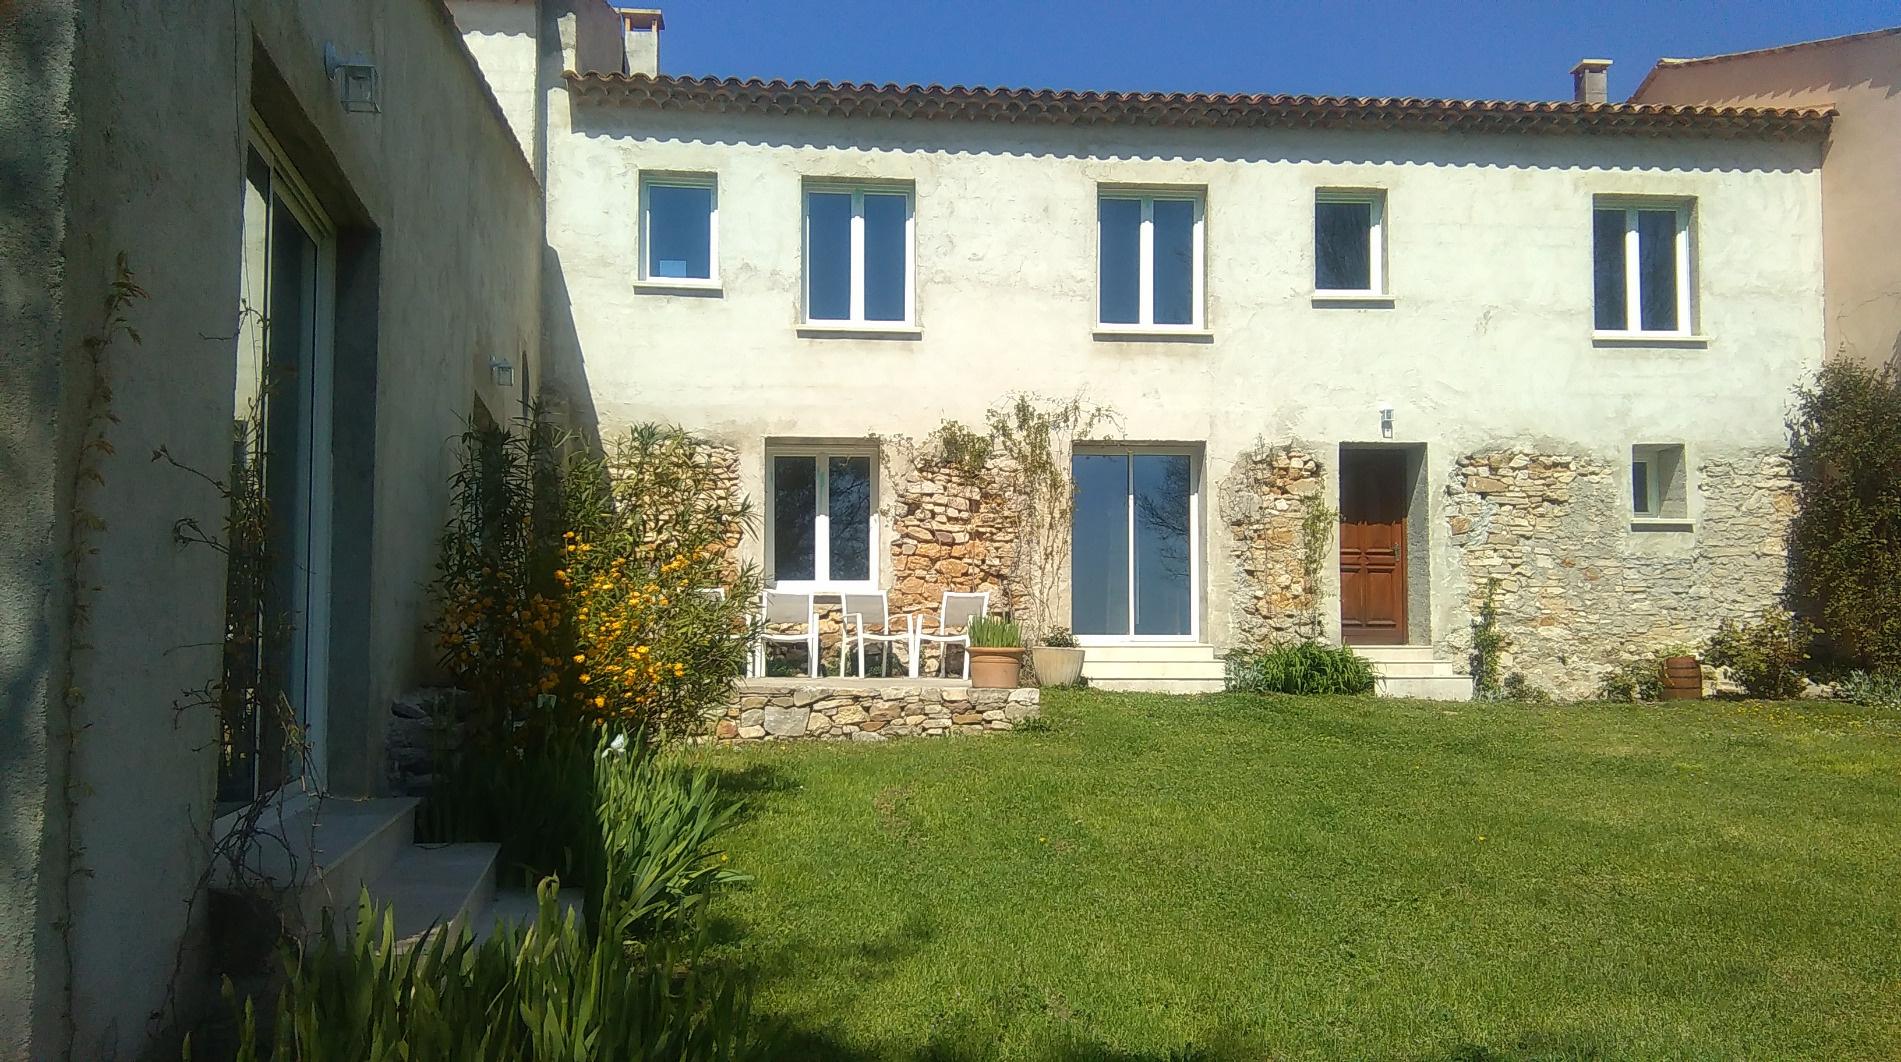 Vente maison/villa 10 pièces st martin les eaux 04870